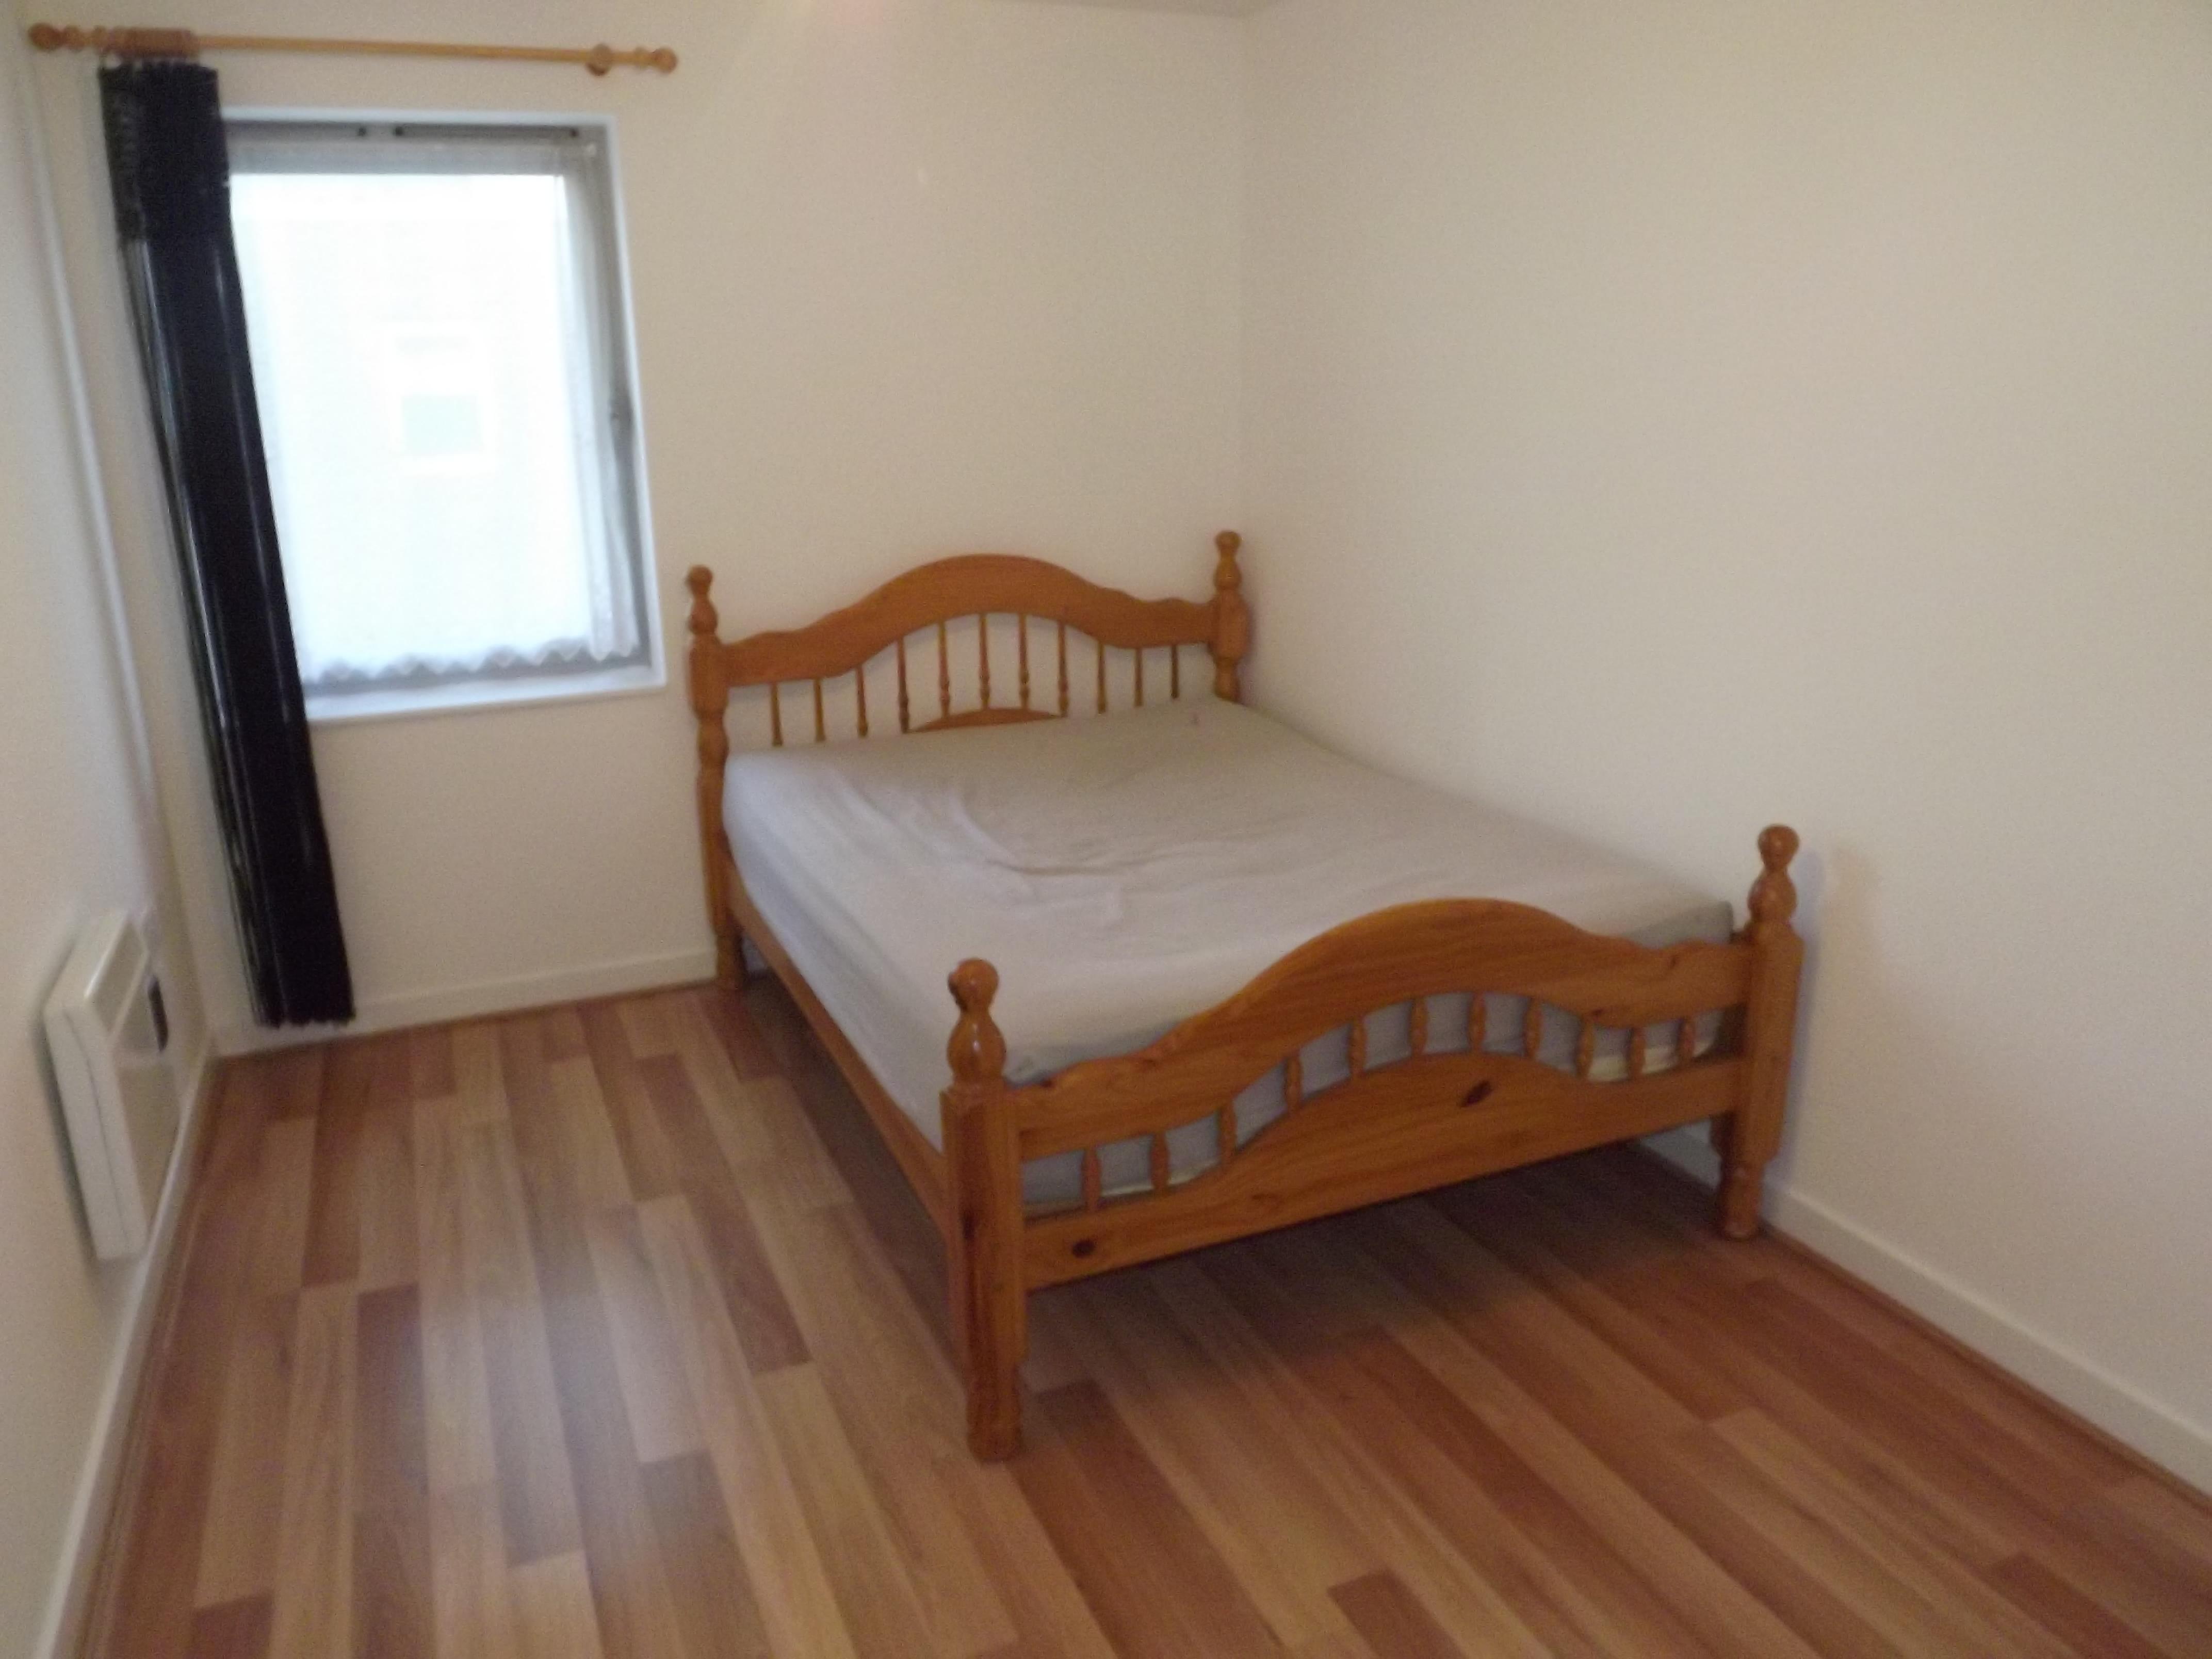 43 Brunswick Hse Bedroom 1